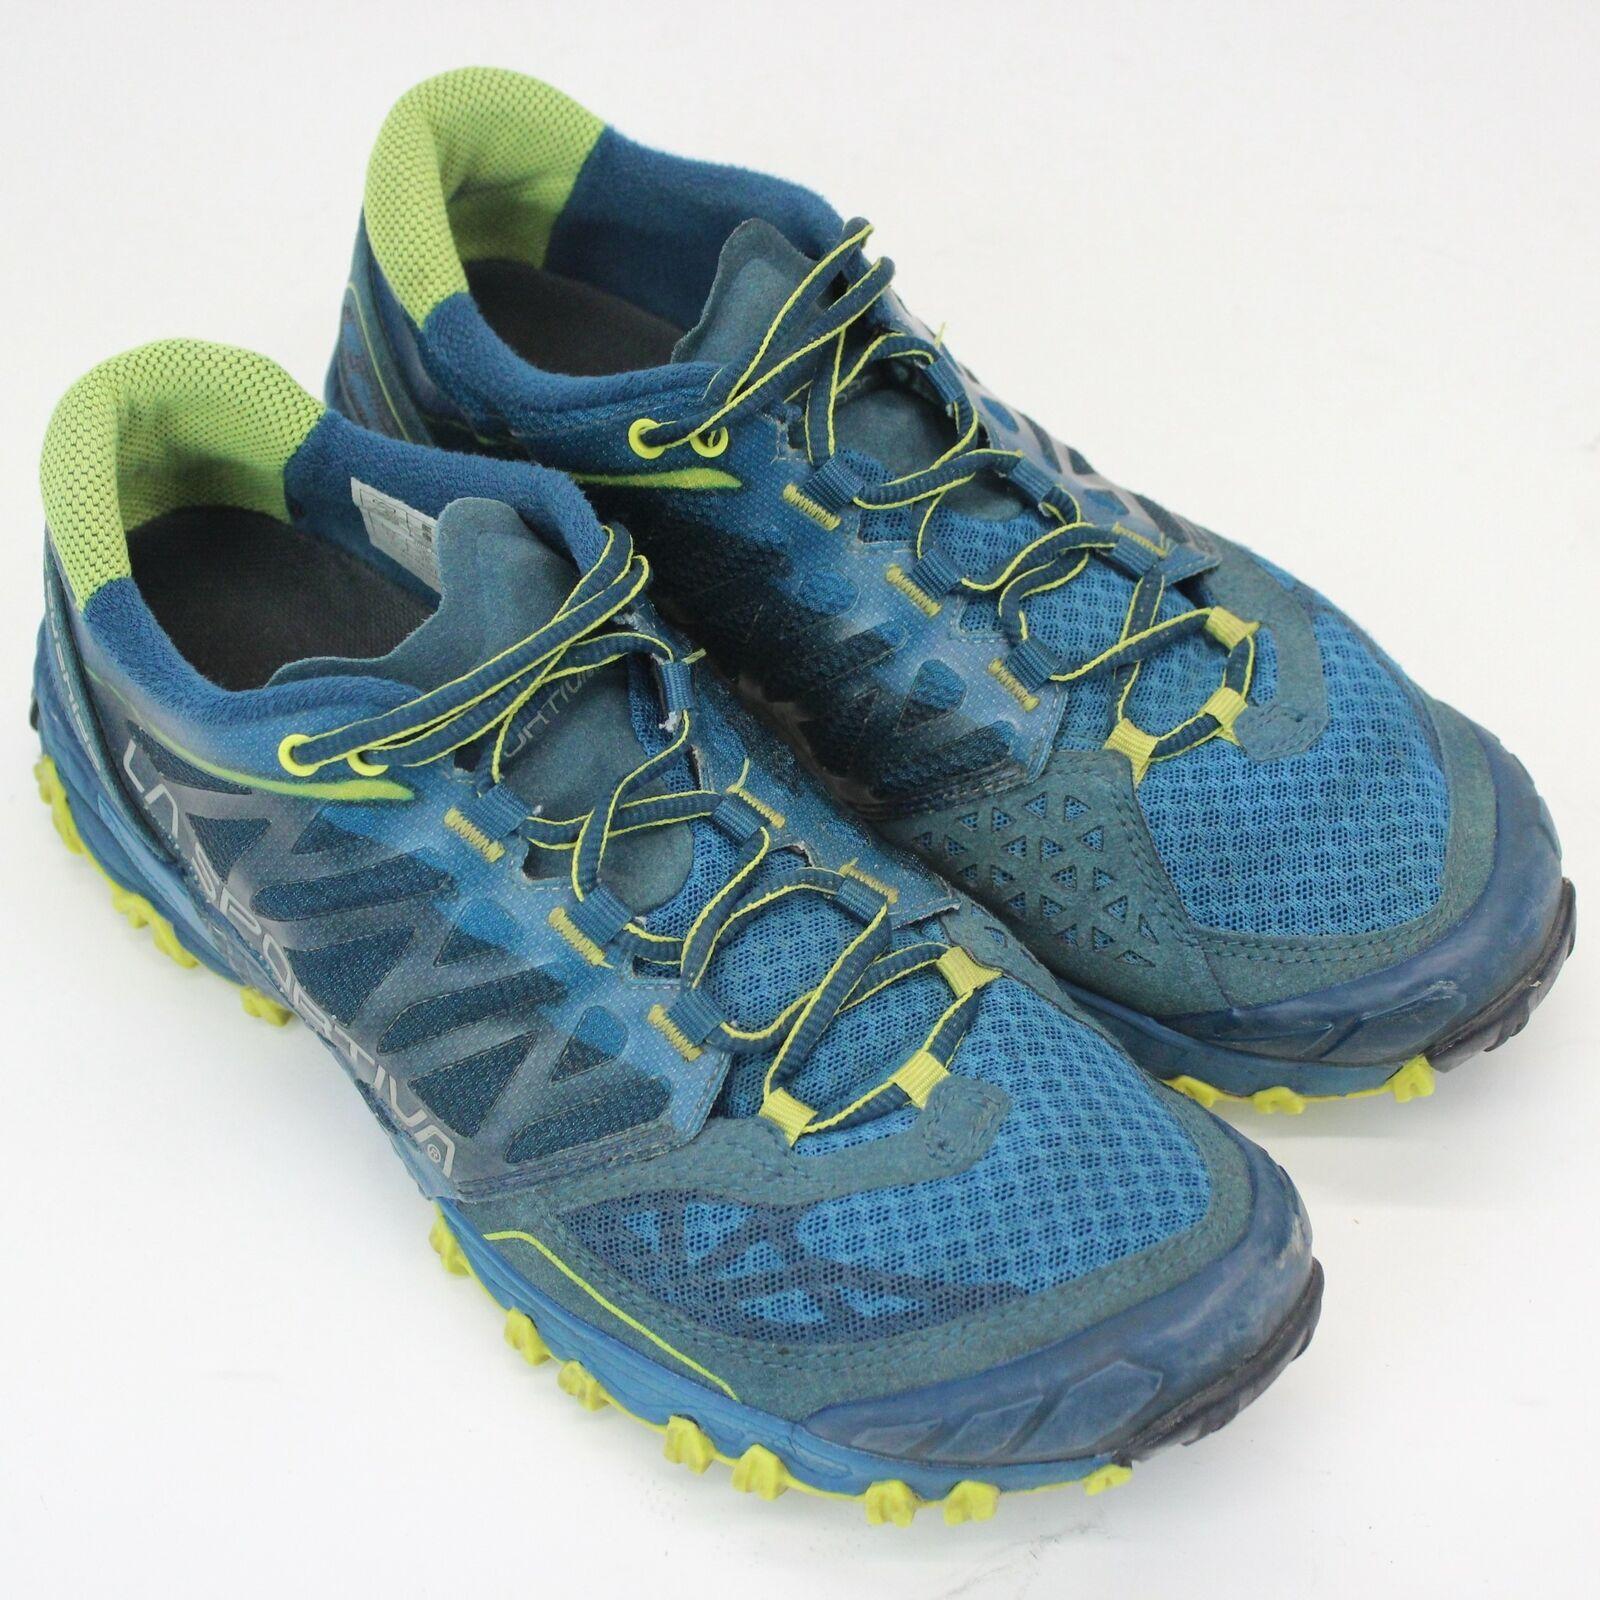 Women's La Sportiva Bushido bluee Trail Runing shoes Size 10 Athletic Sneakers